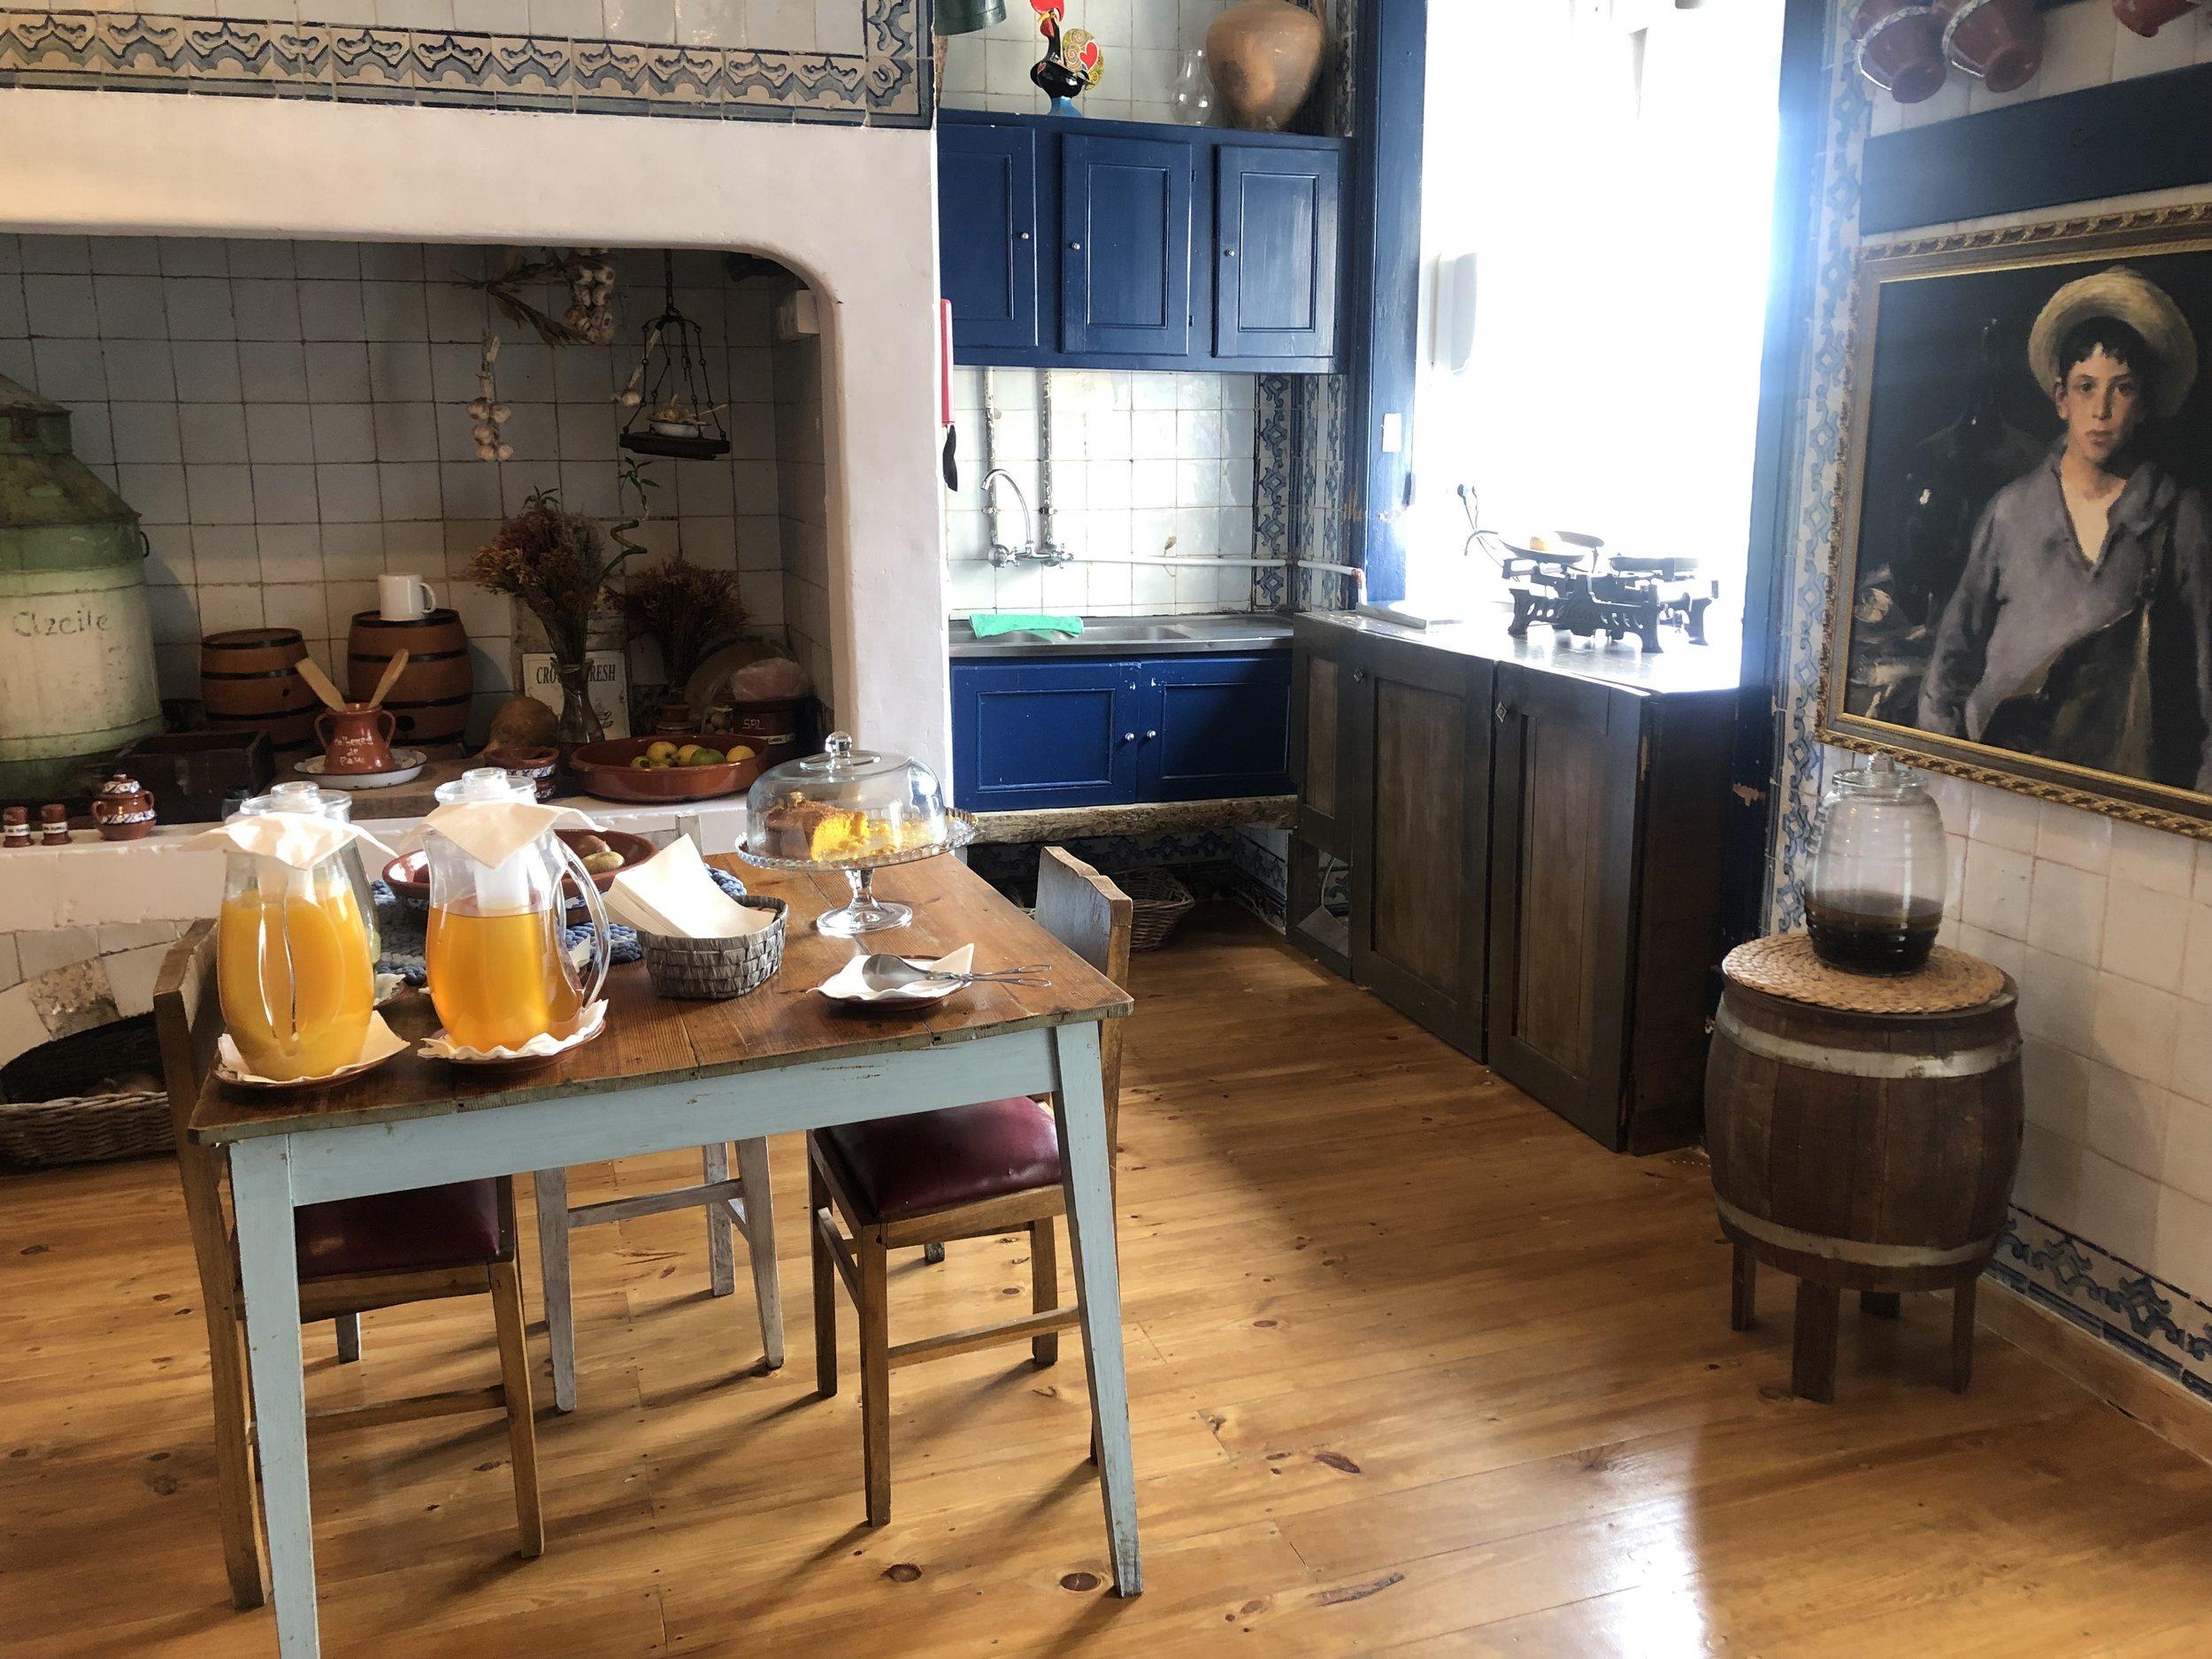 casinha kitchen.jpg